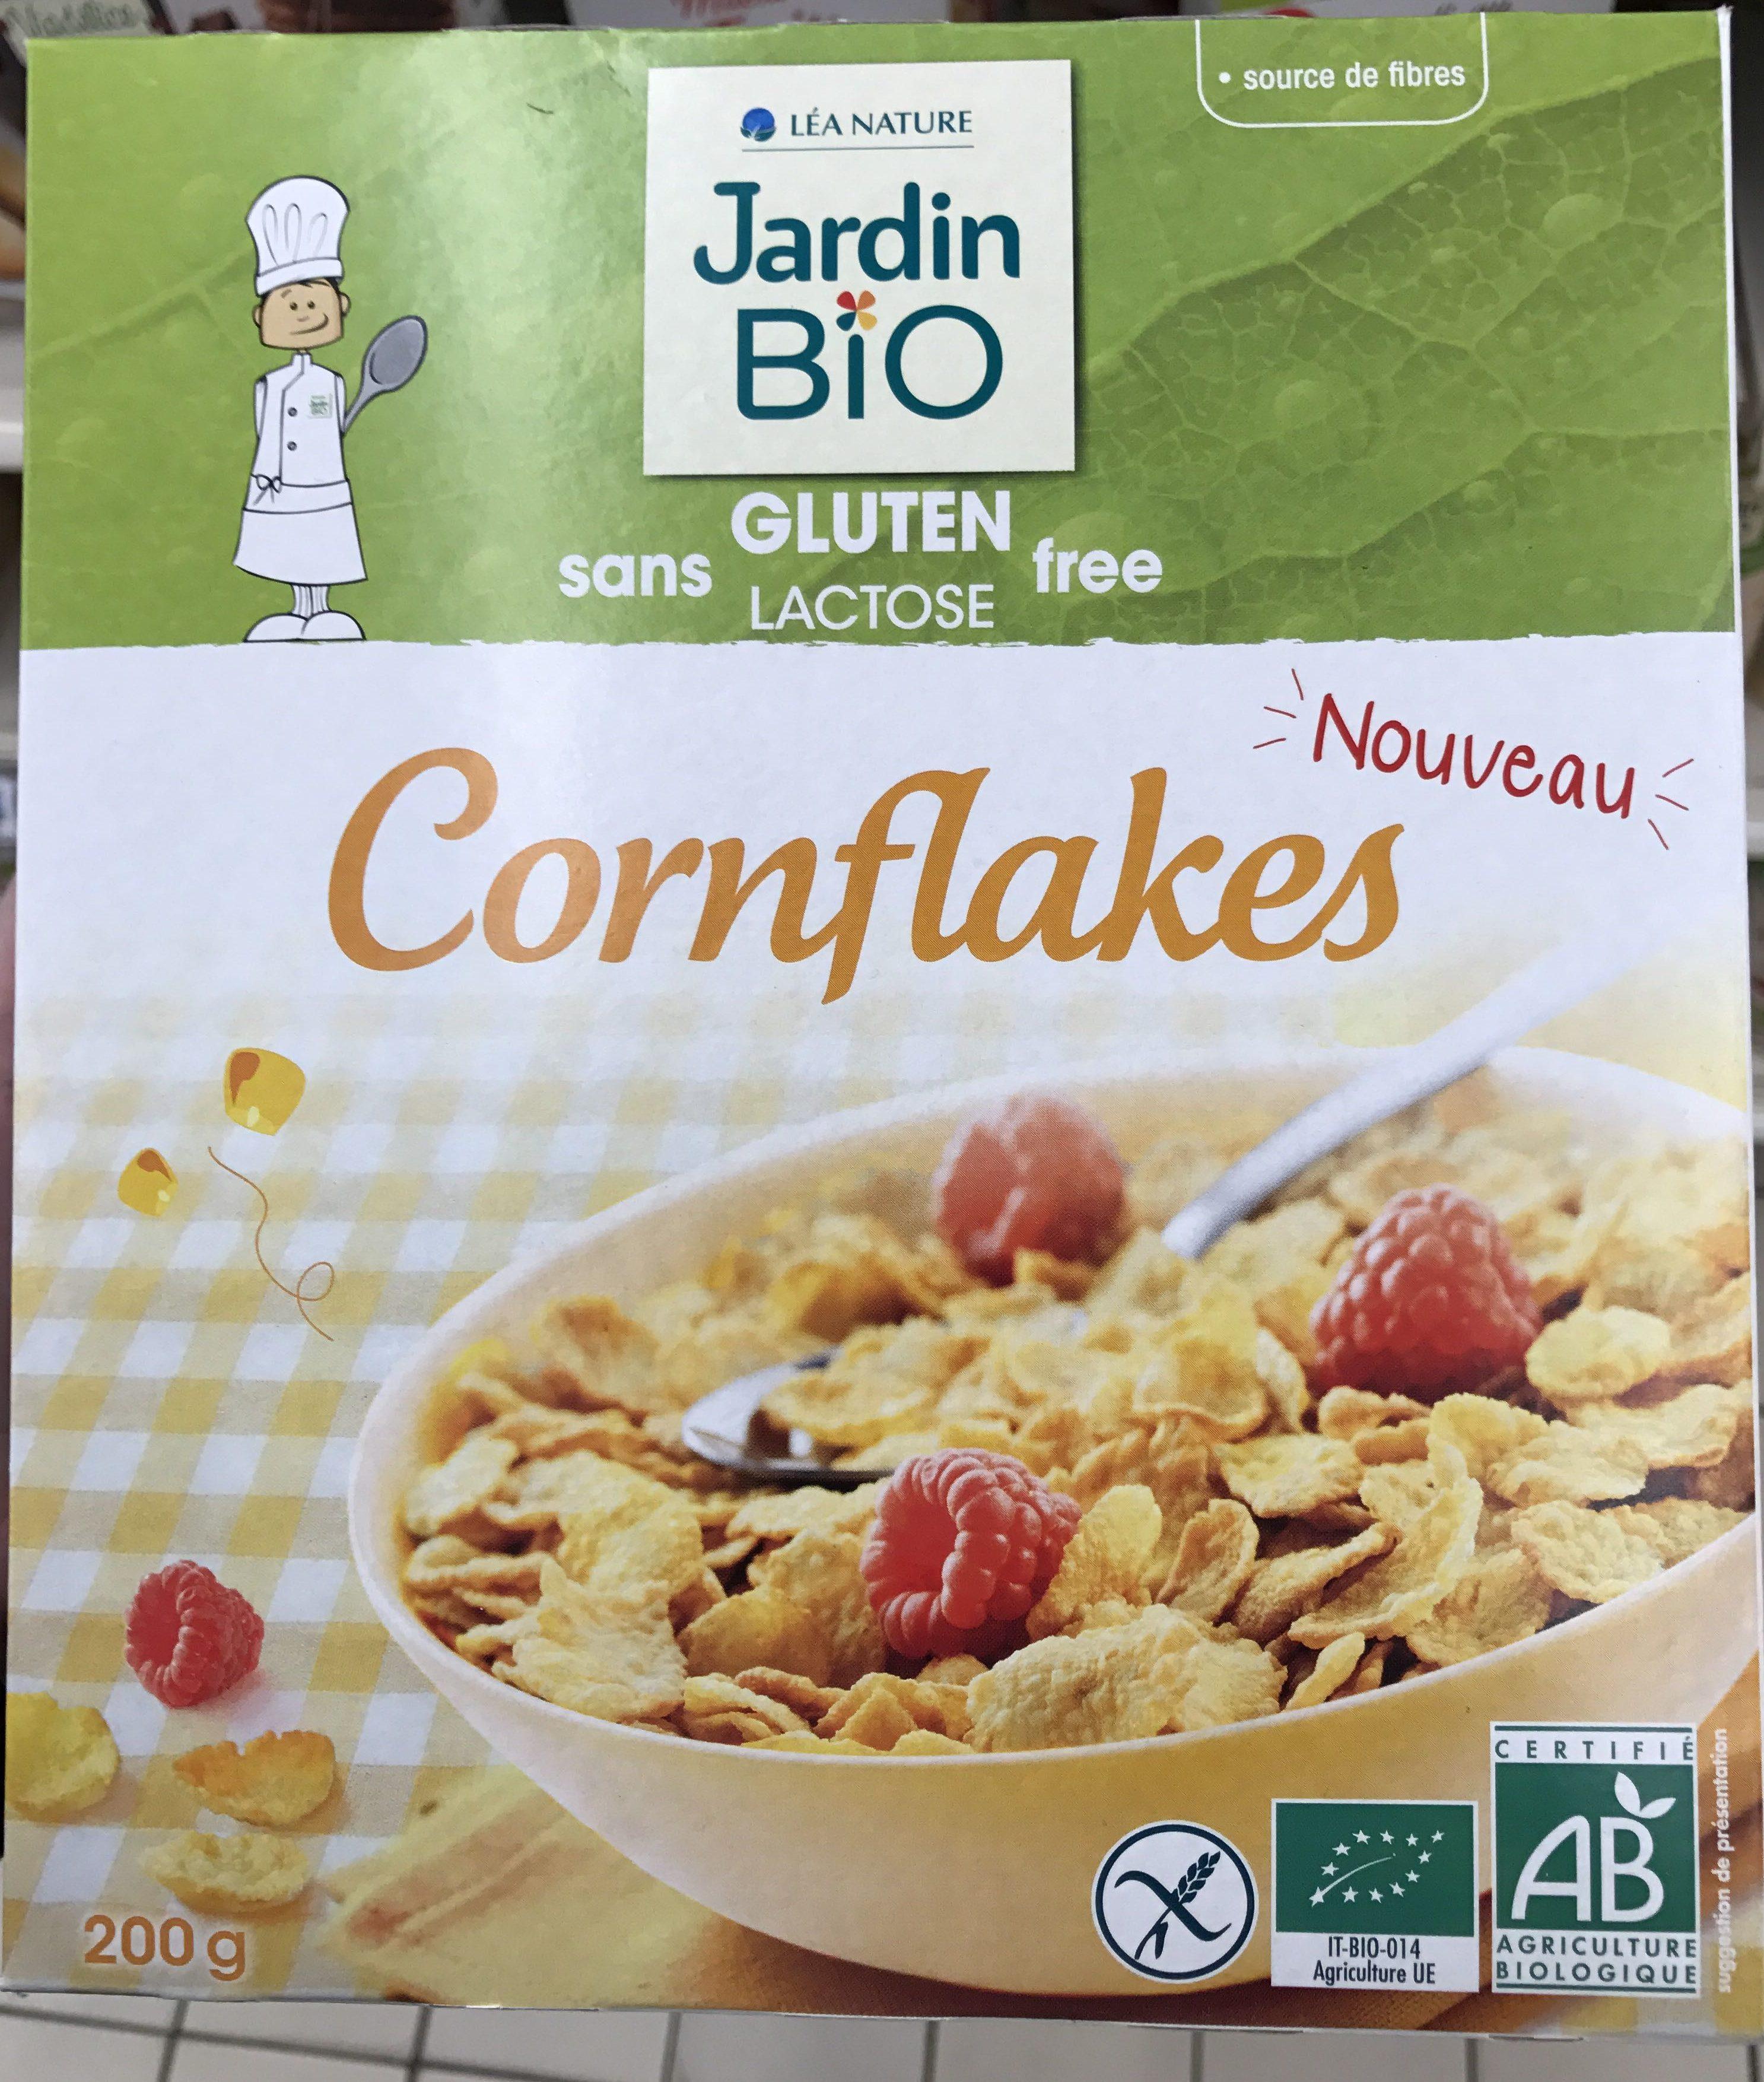 cornflakes product - Jardin Bio